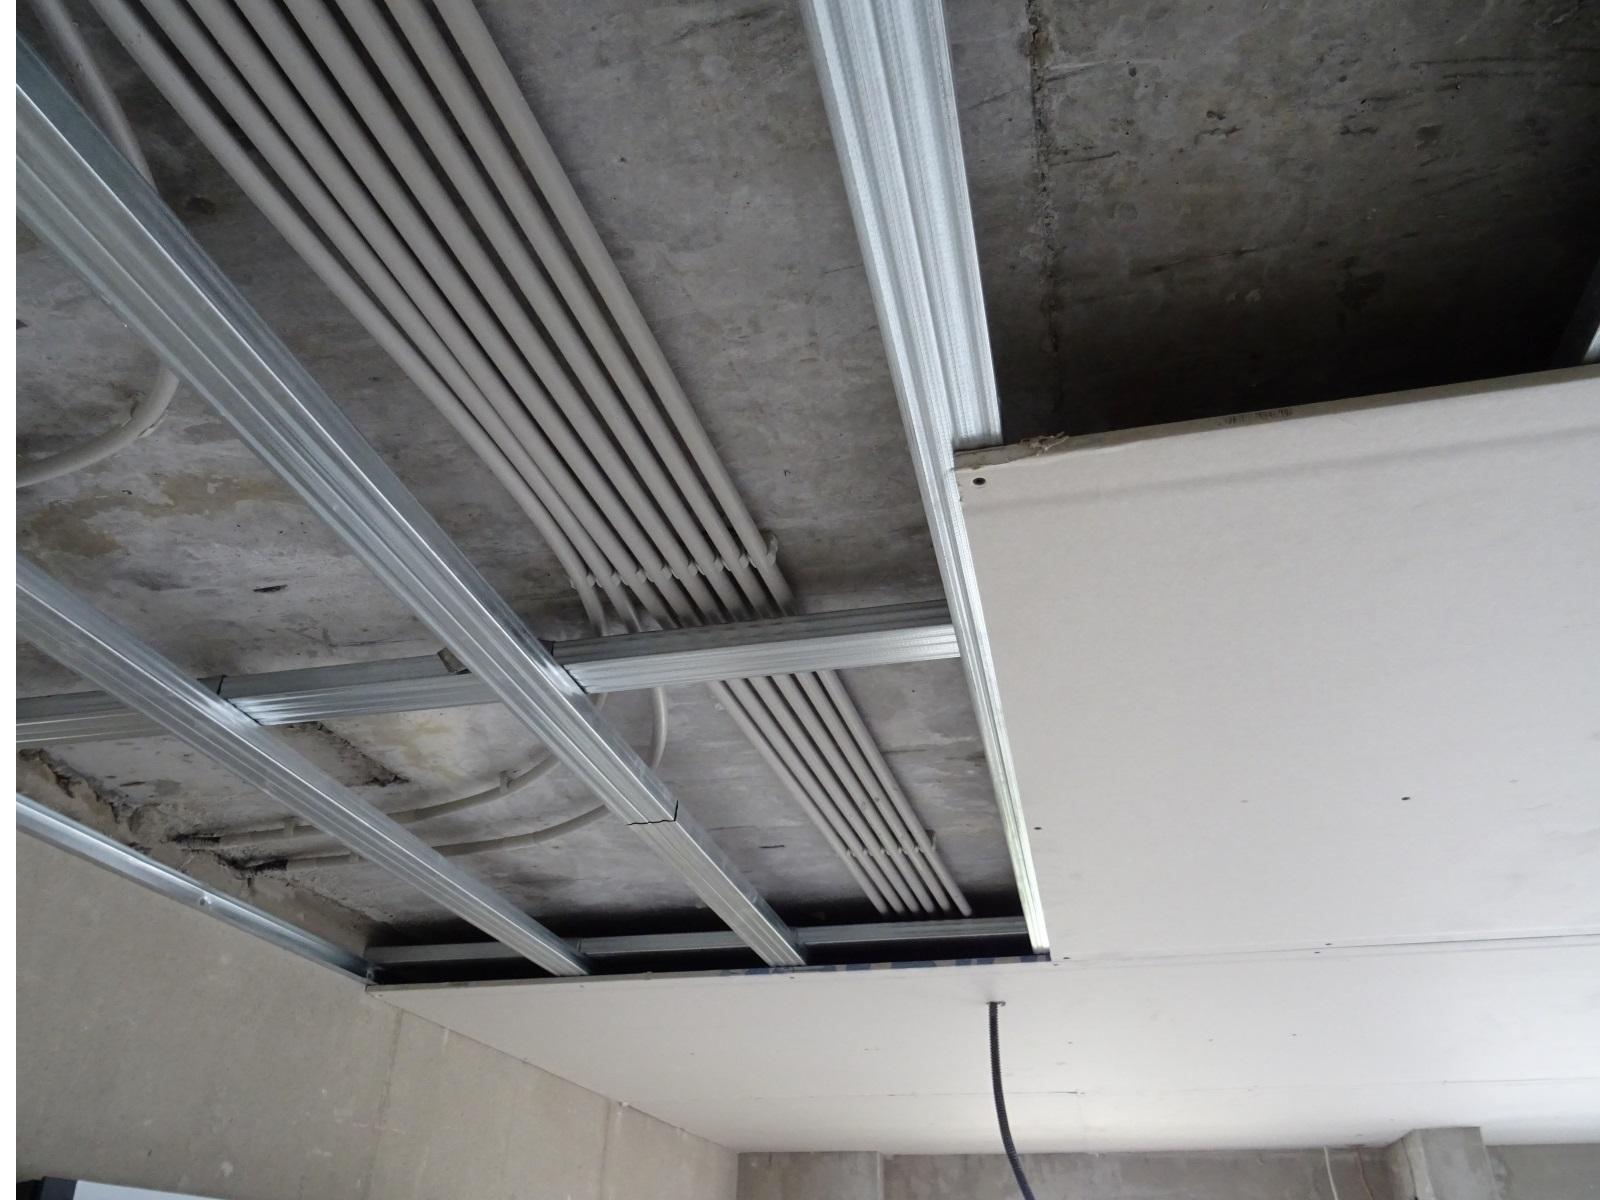 casetare tavan - instalatie electrica